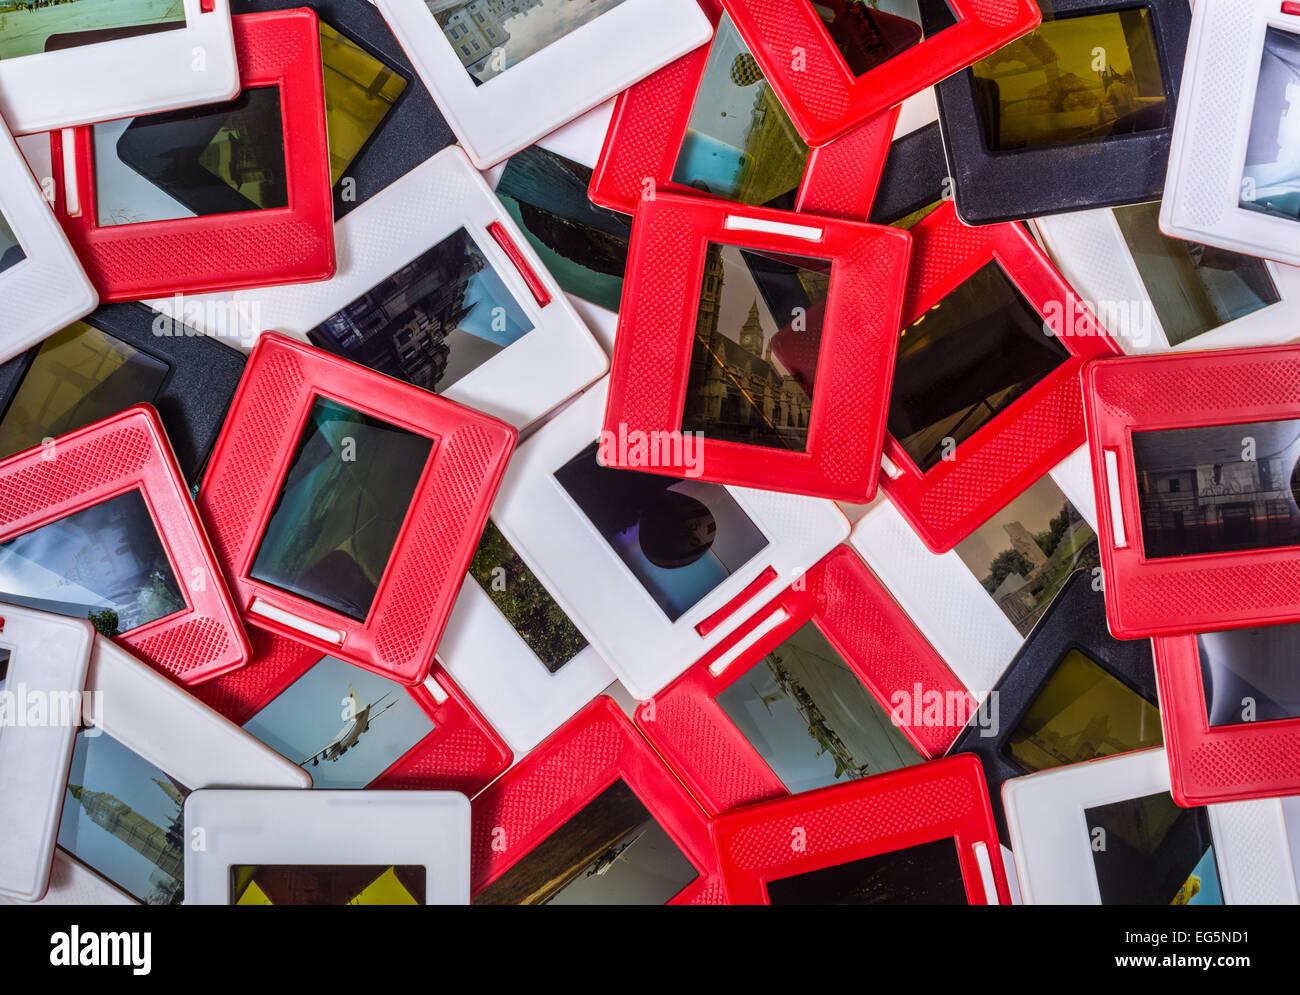 Montón de recuerdos - viejas diapositivas de 35mm pila diapositives Imagen De Stock